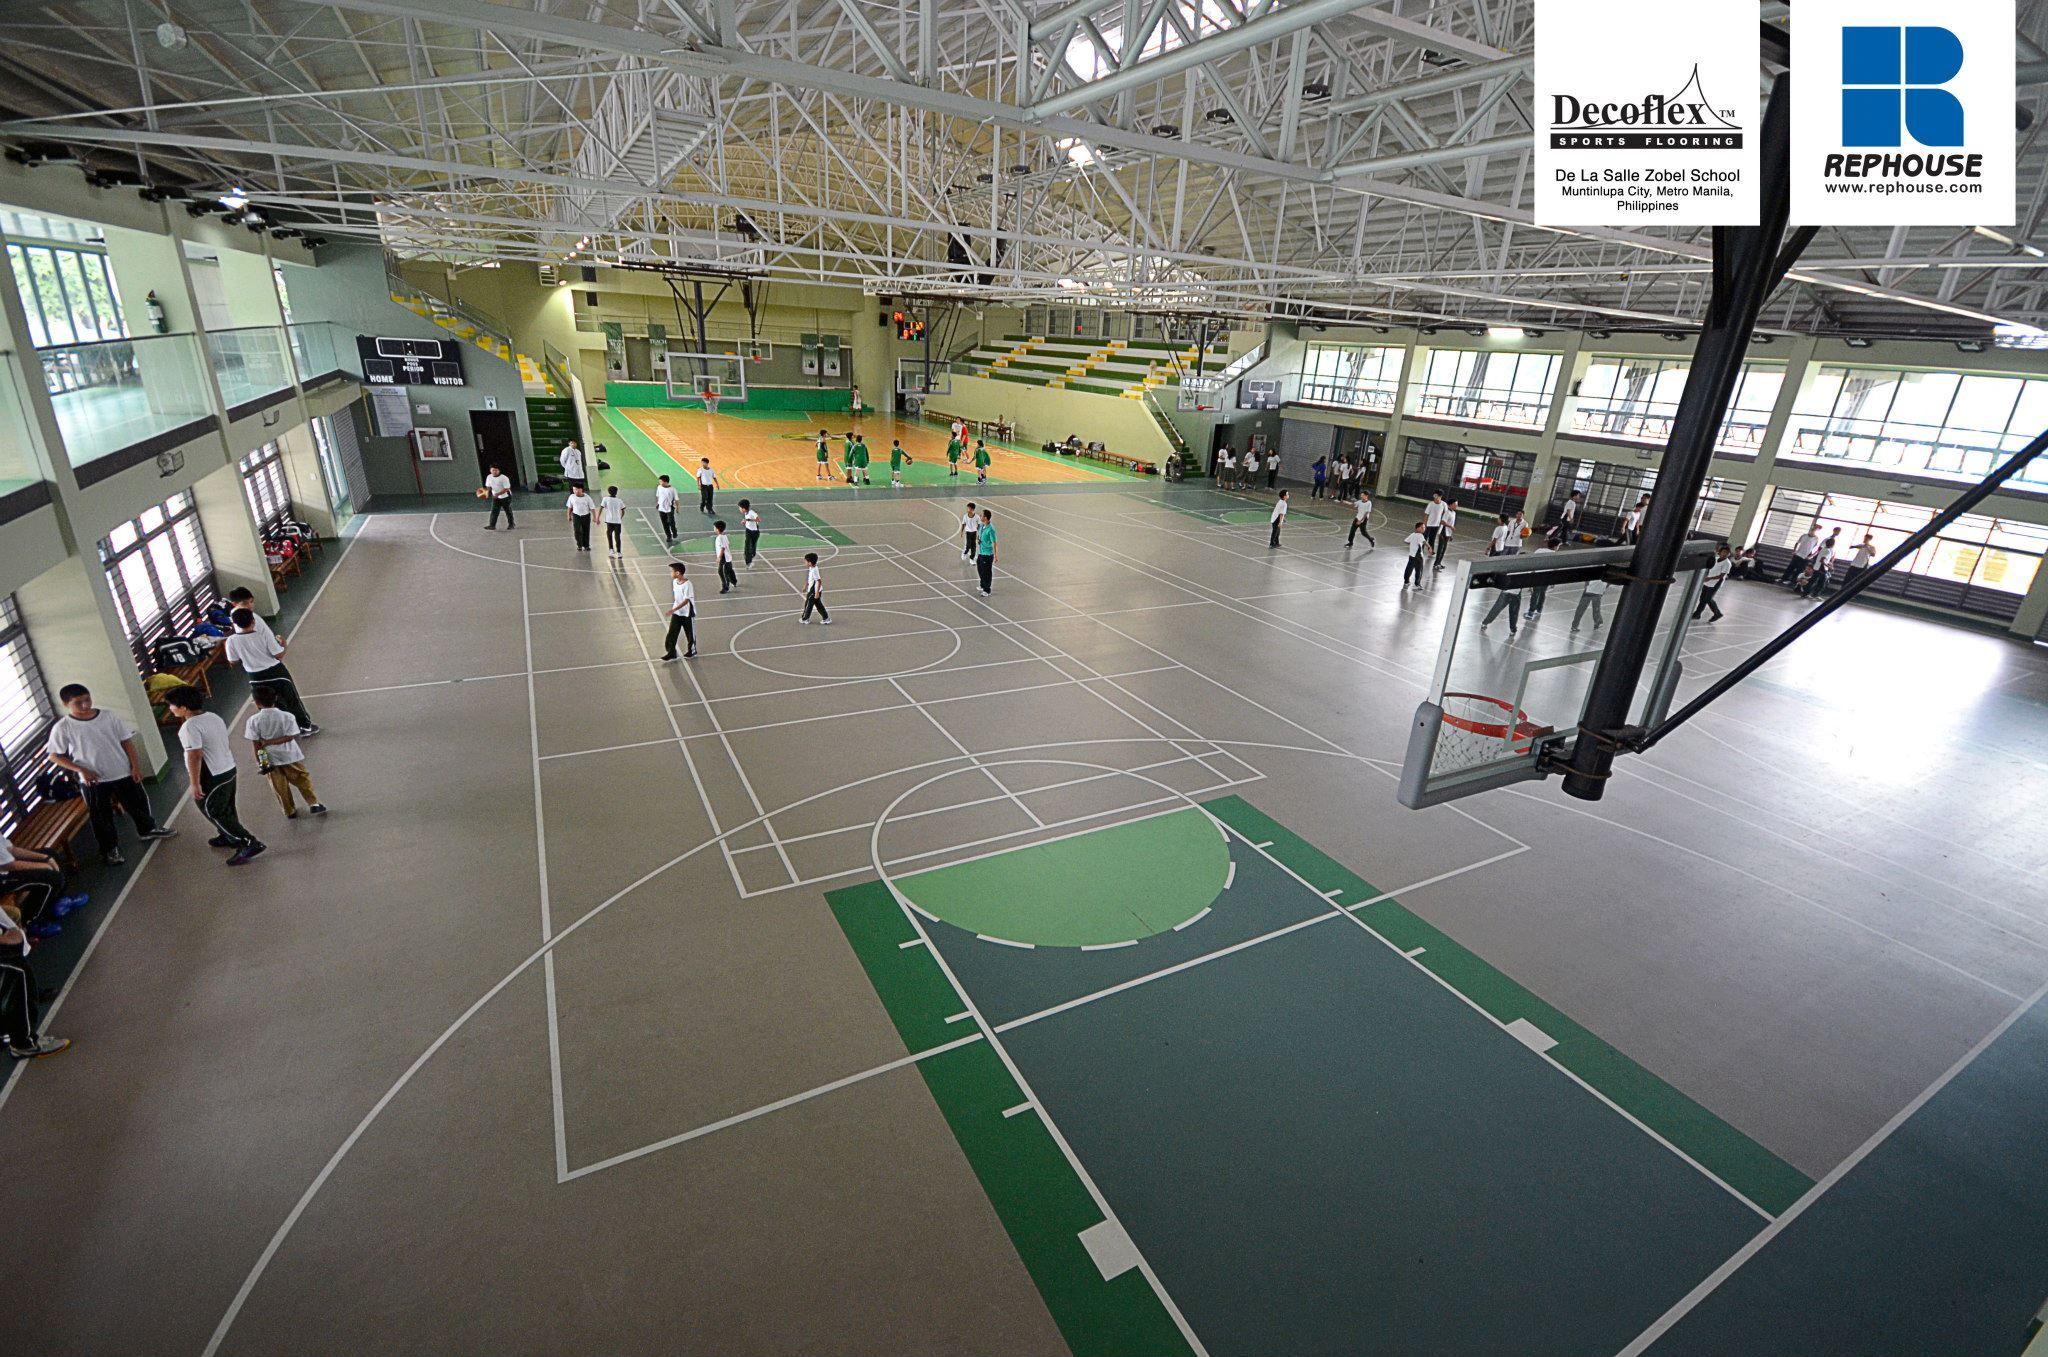 Decoflex Universal Seamless Polyurethane Indoor Sports Flooring De La Salle Zobel School Philippines Indoor Sports Sports Universal